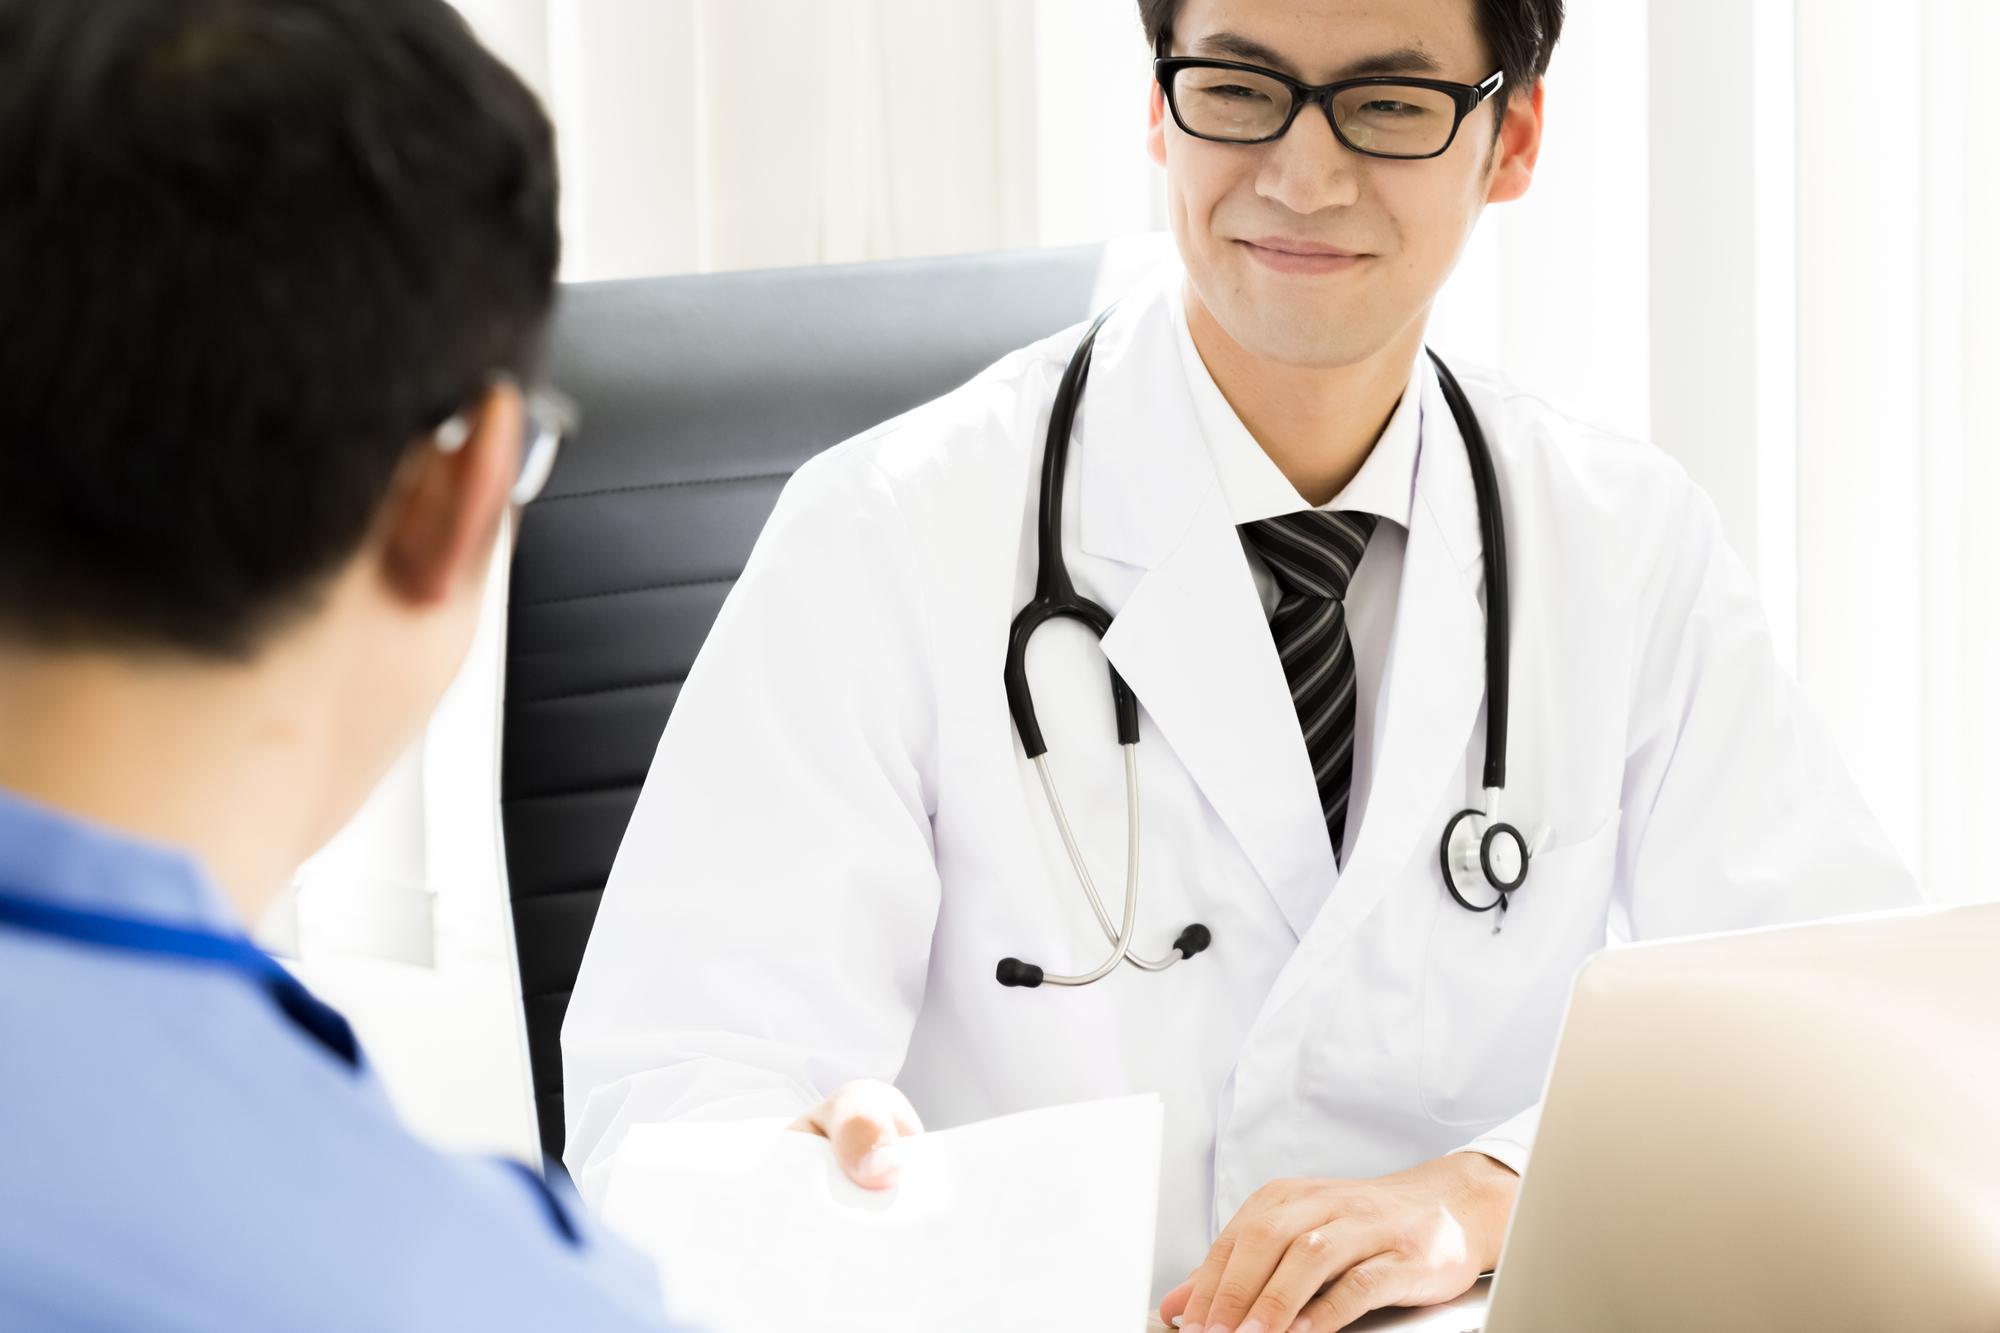 【2021年最新版】医師の診療科ごとの仕事内容、国家試験の合格率、研修制度について